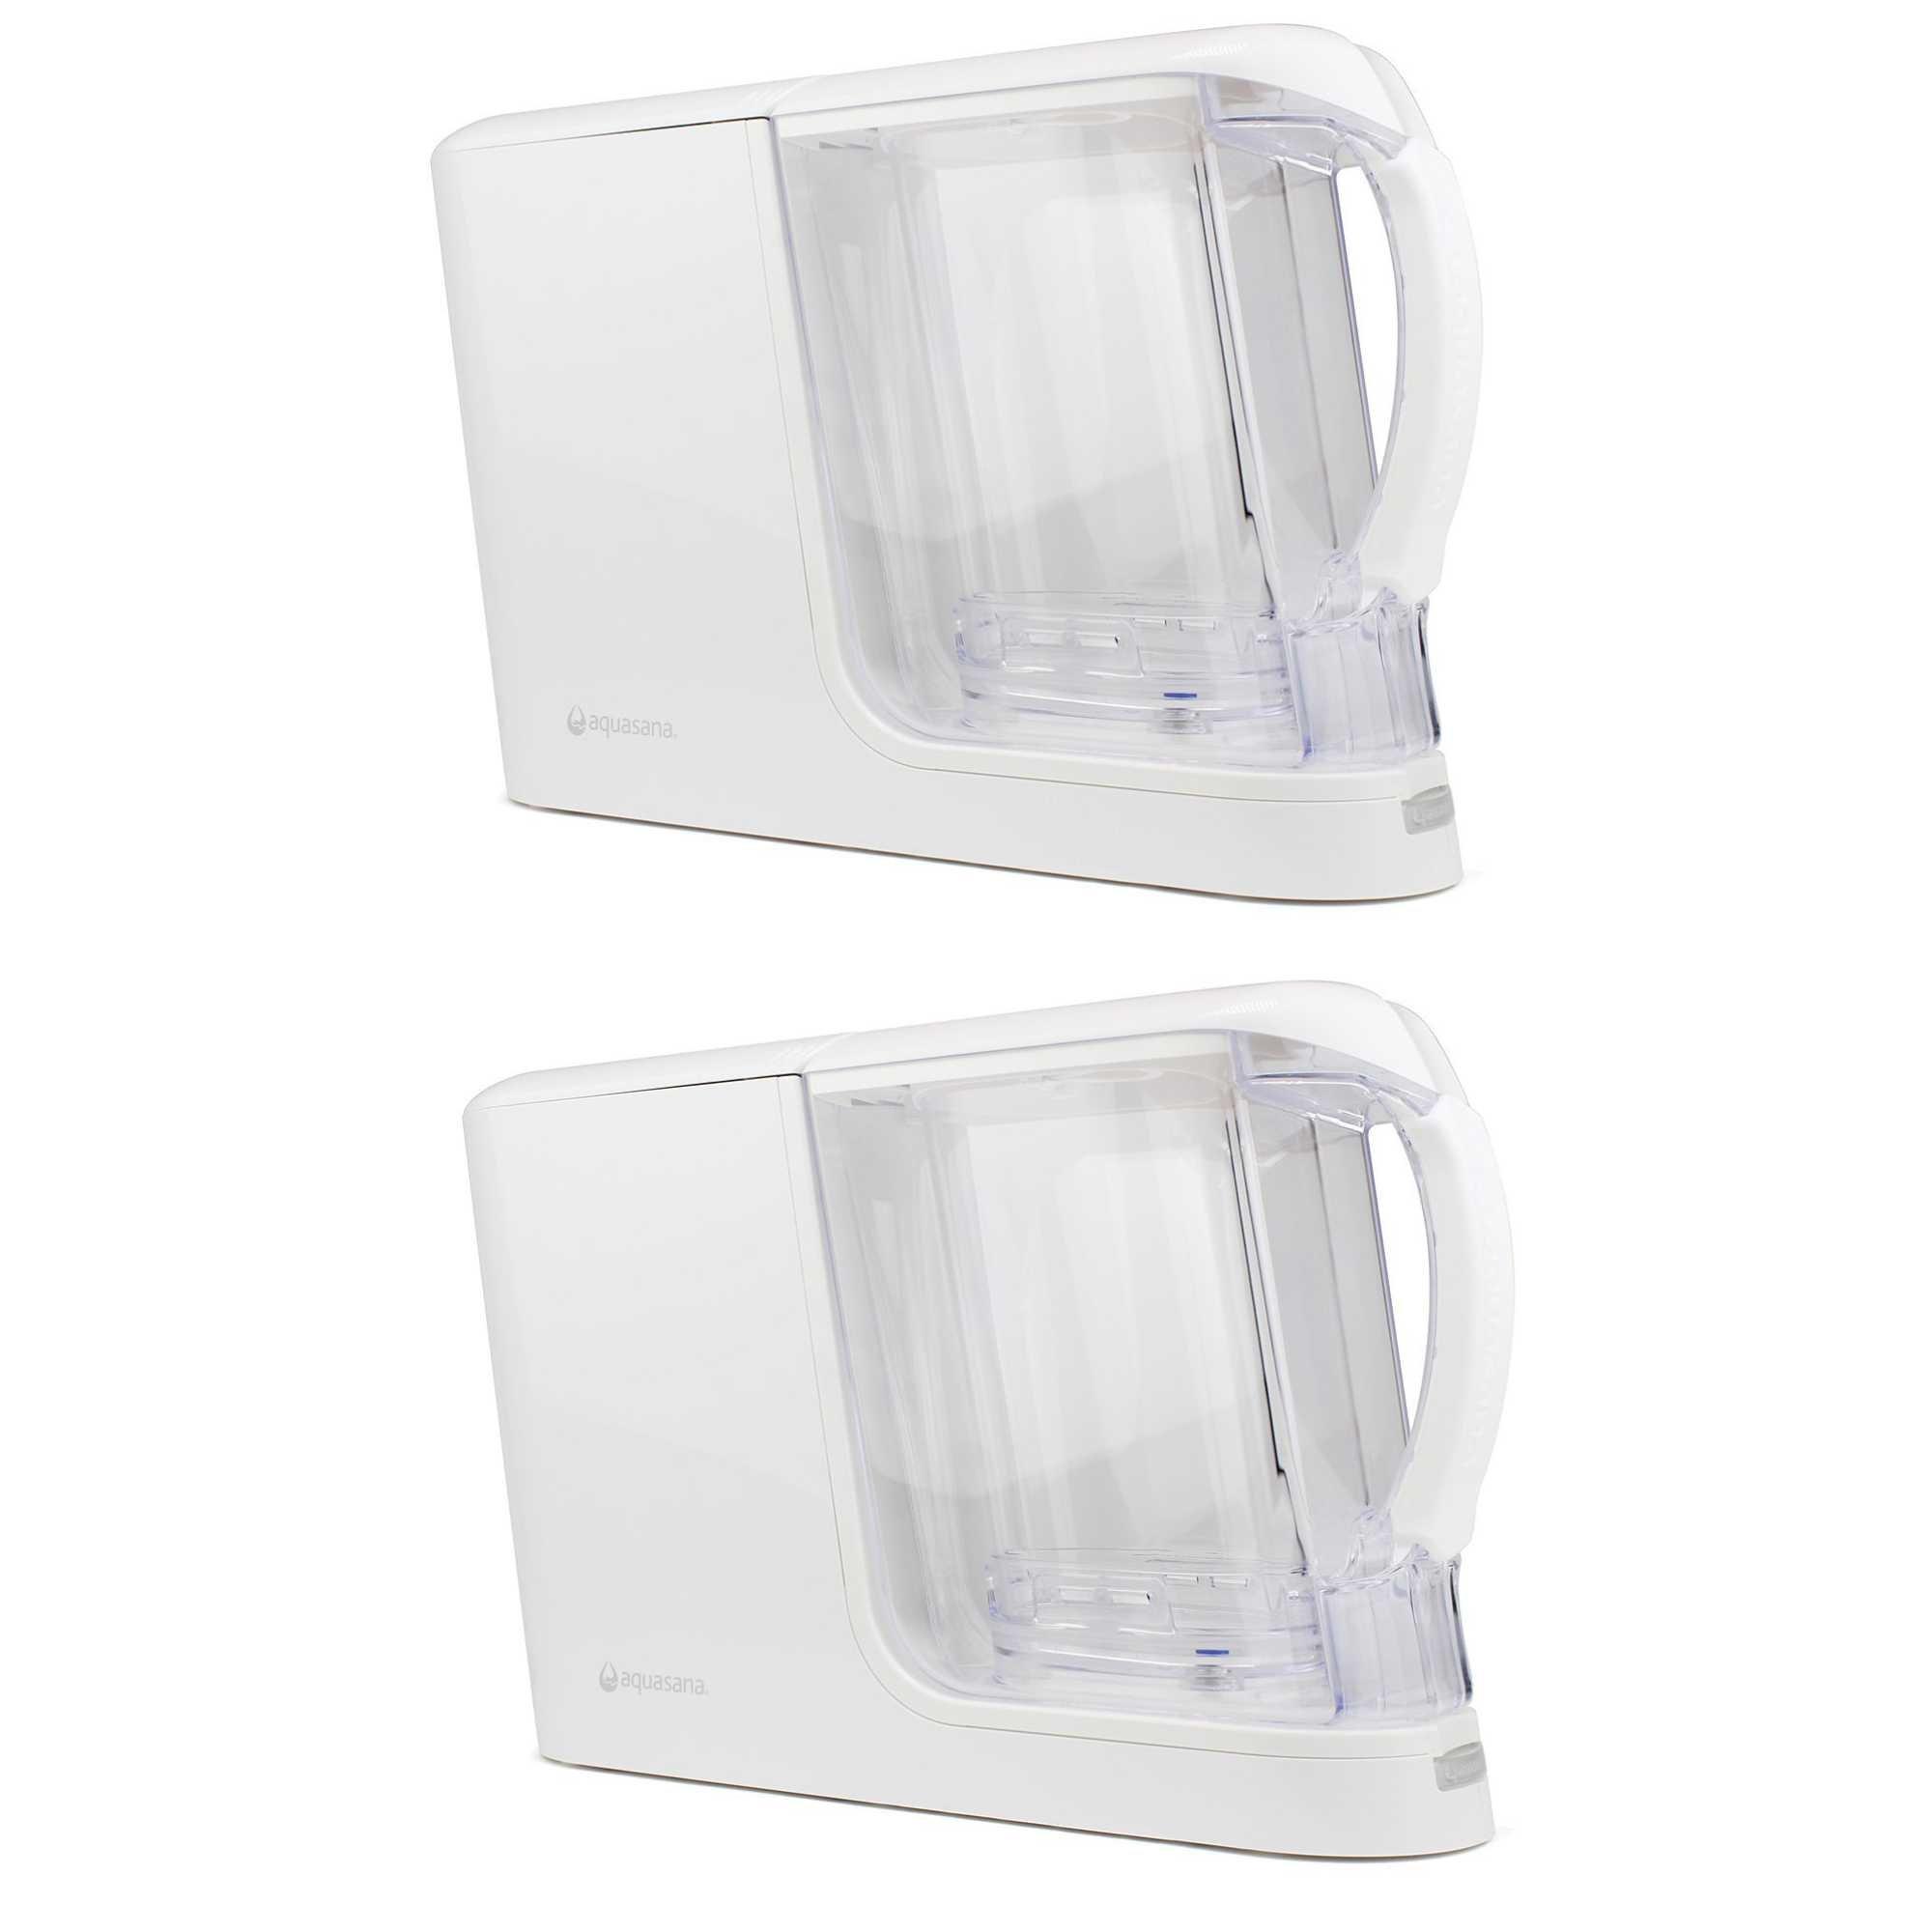 Aquasana AQ-CWM-P-W Clean Water Machine all white 2 Pack